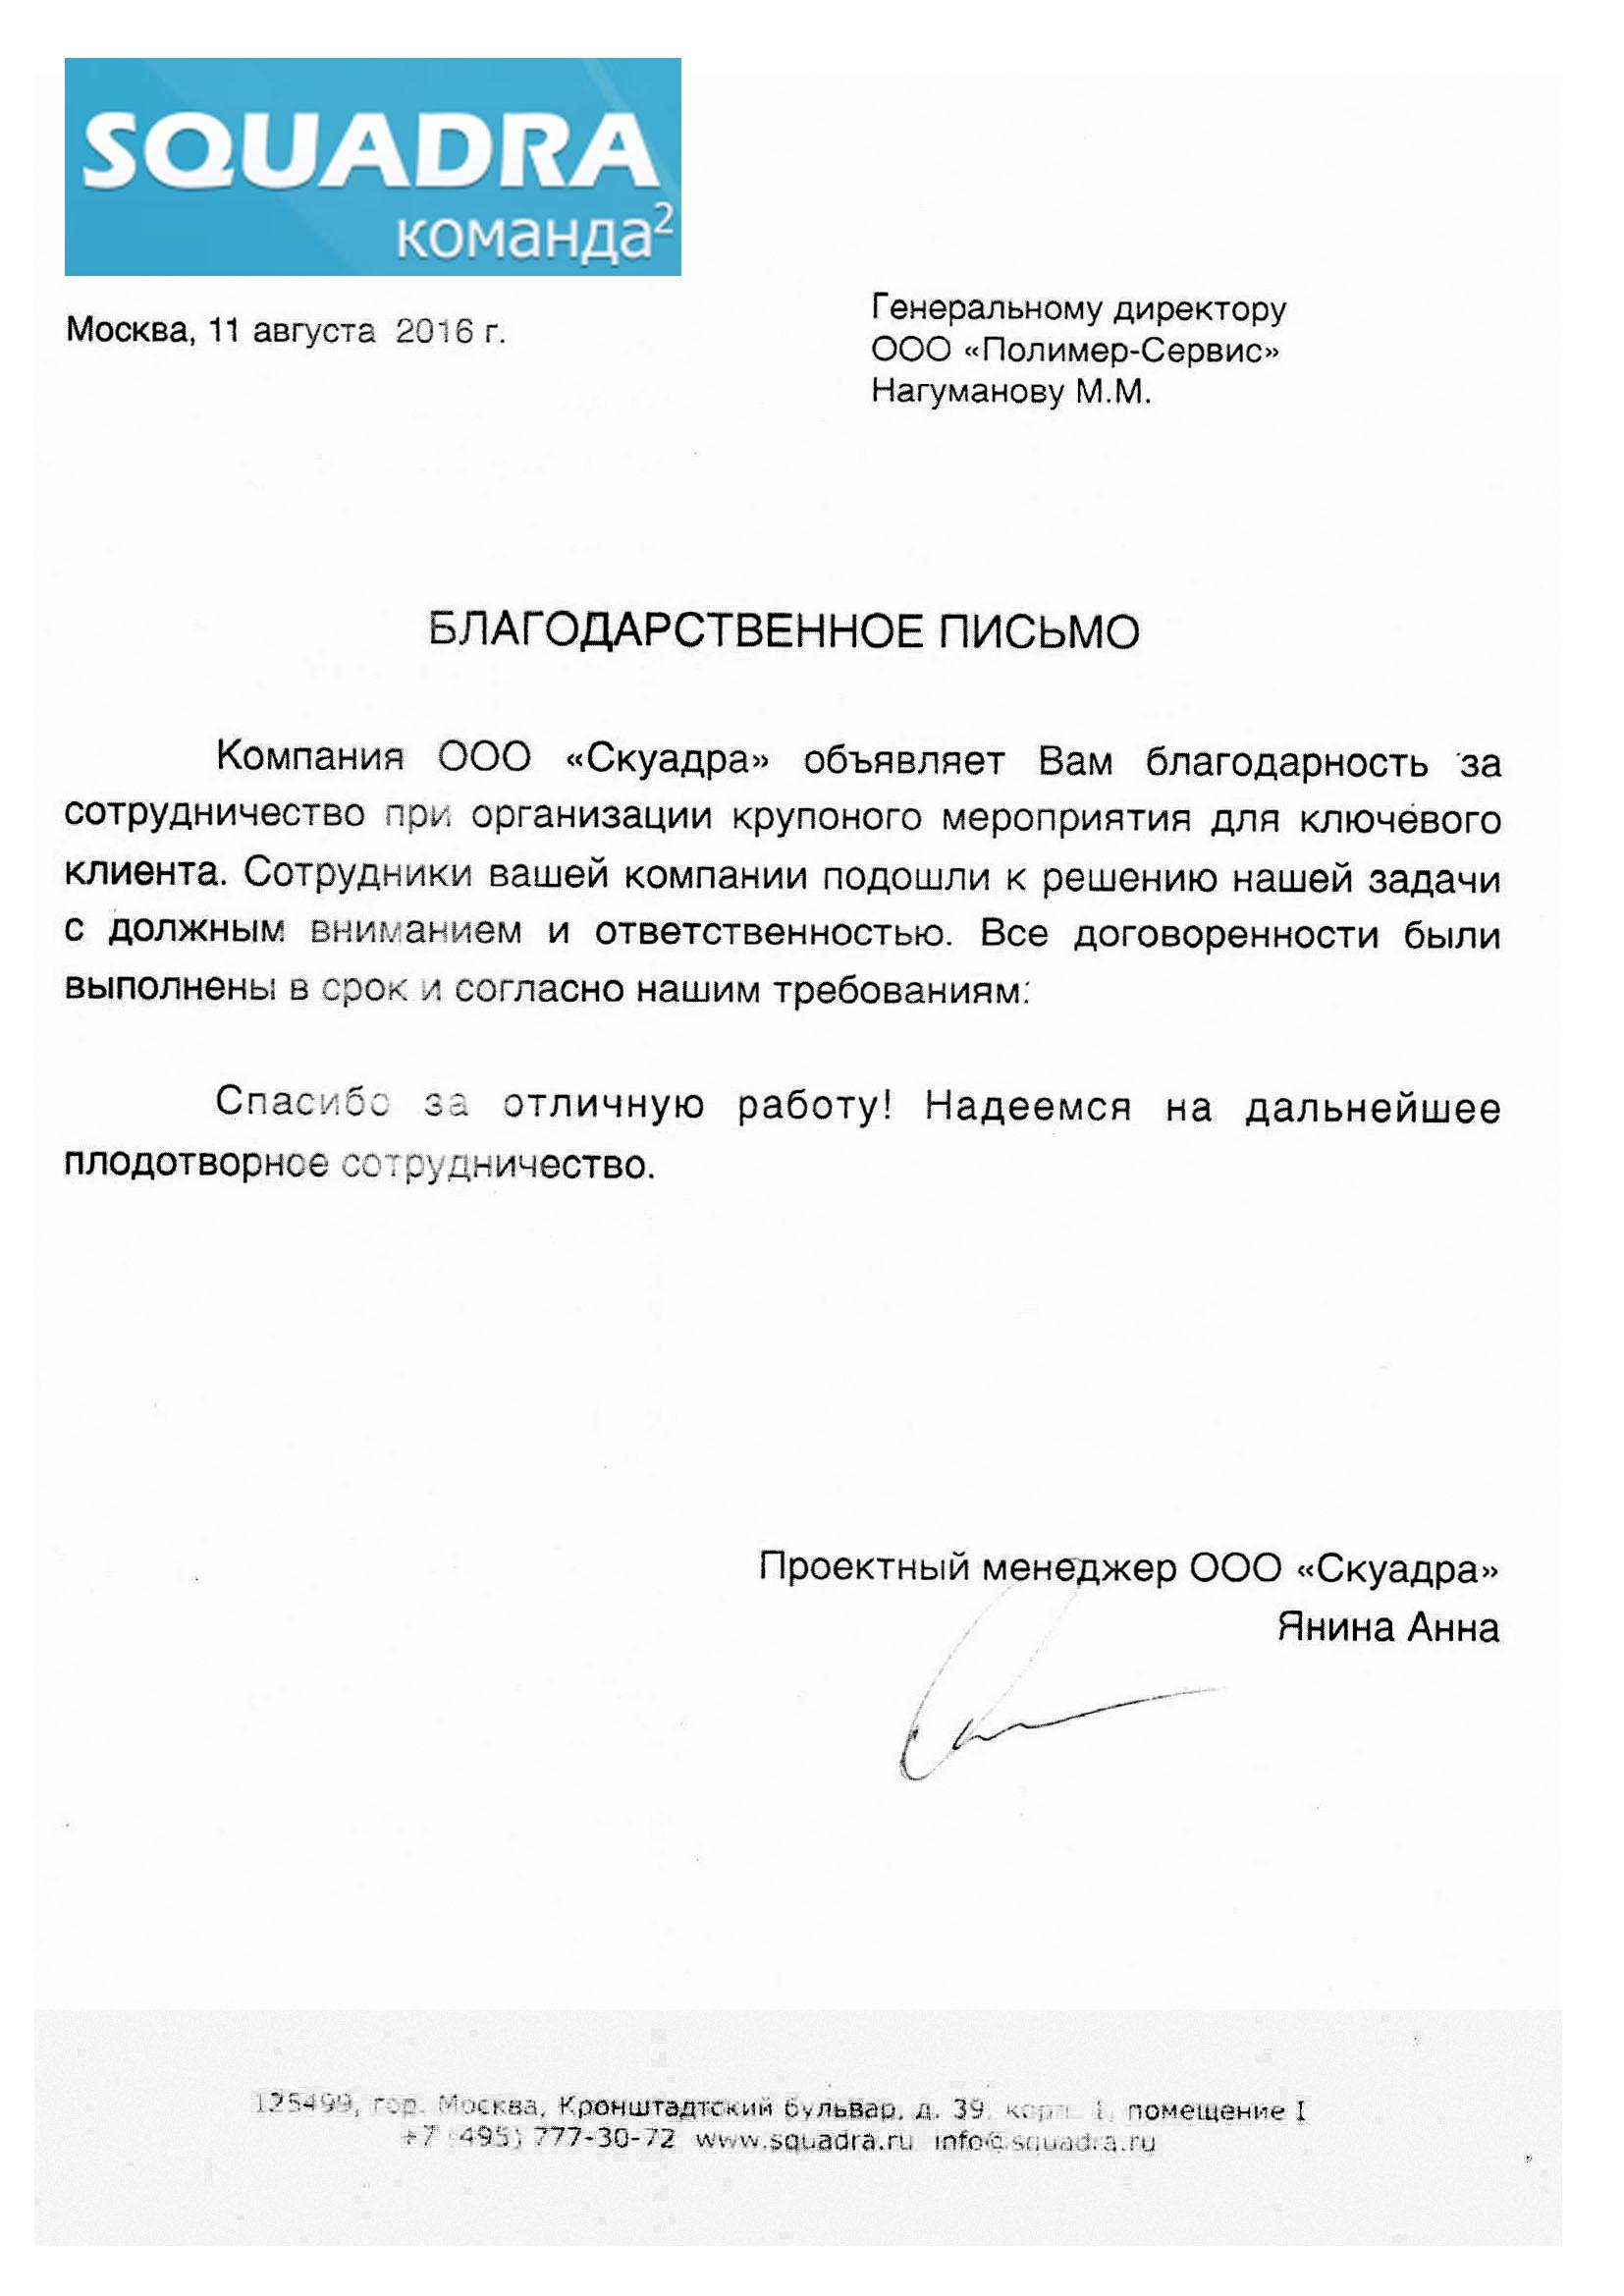 Проектный менеджер ООО «Скуадра»